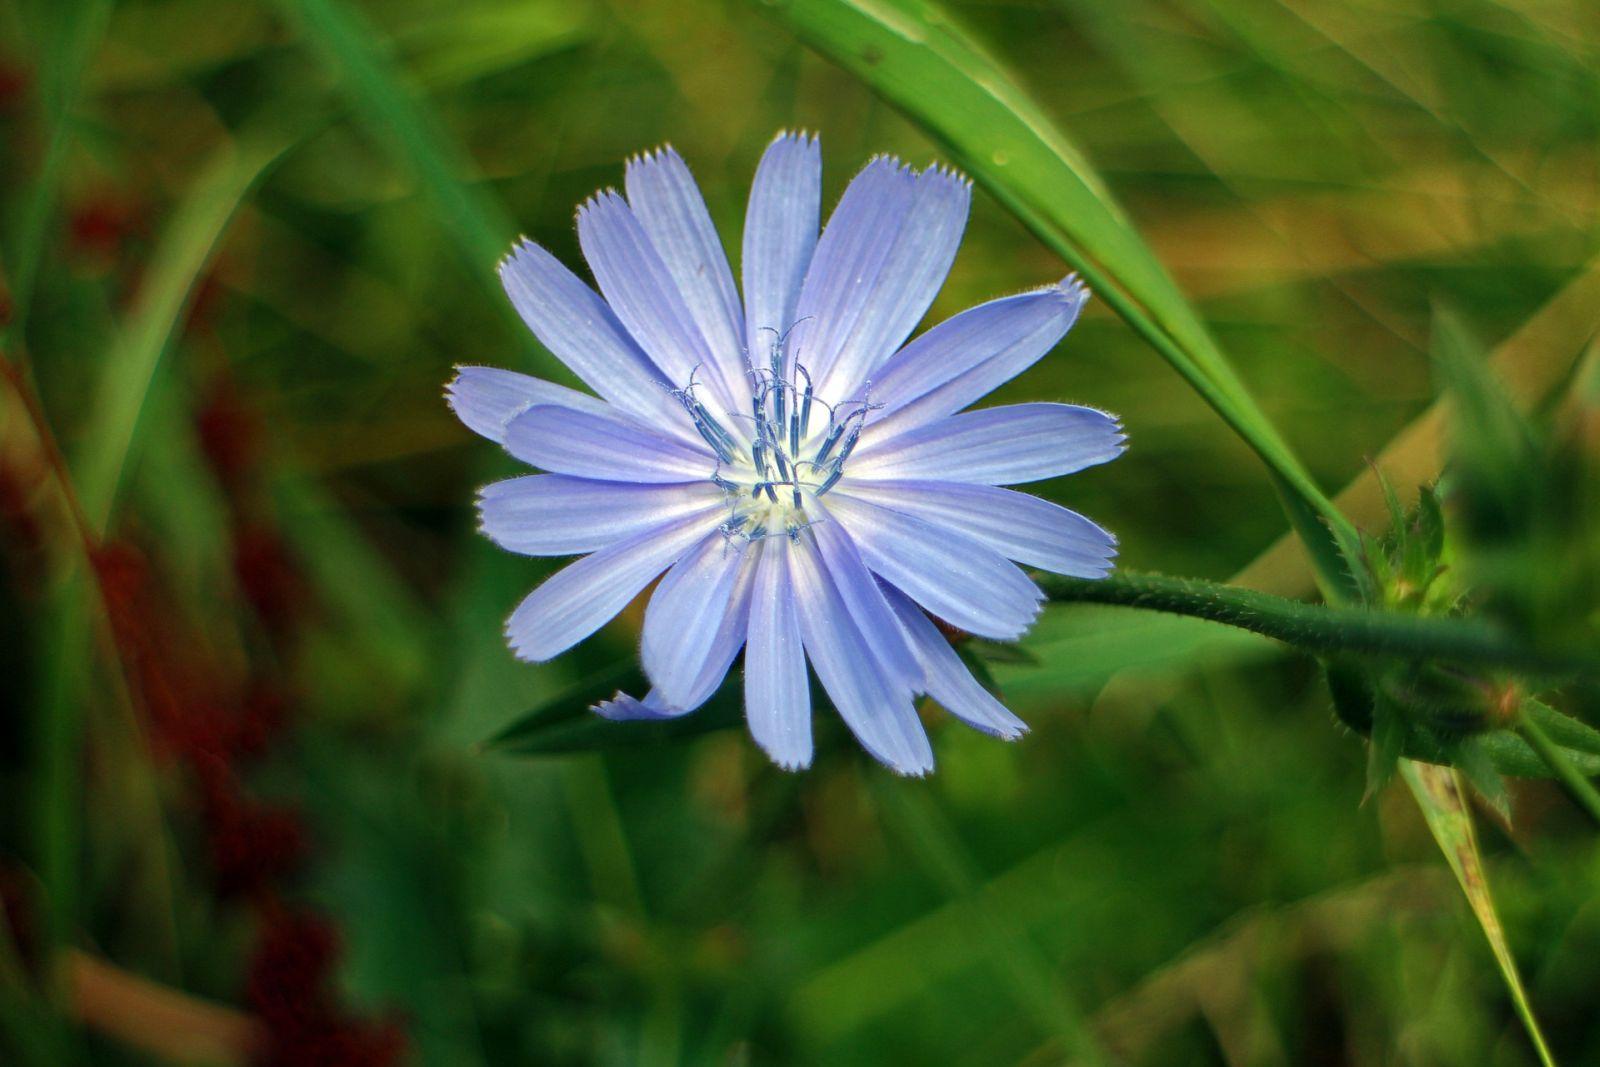 Schöne himmelblaue Blüte der Heilpflanze Wegwarte